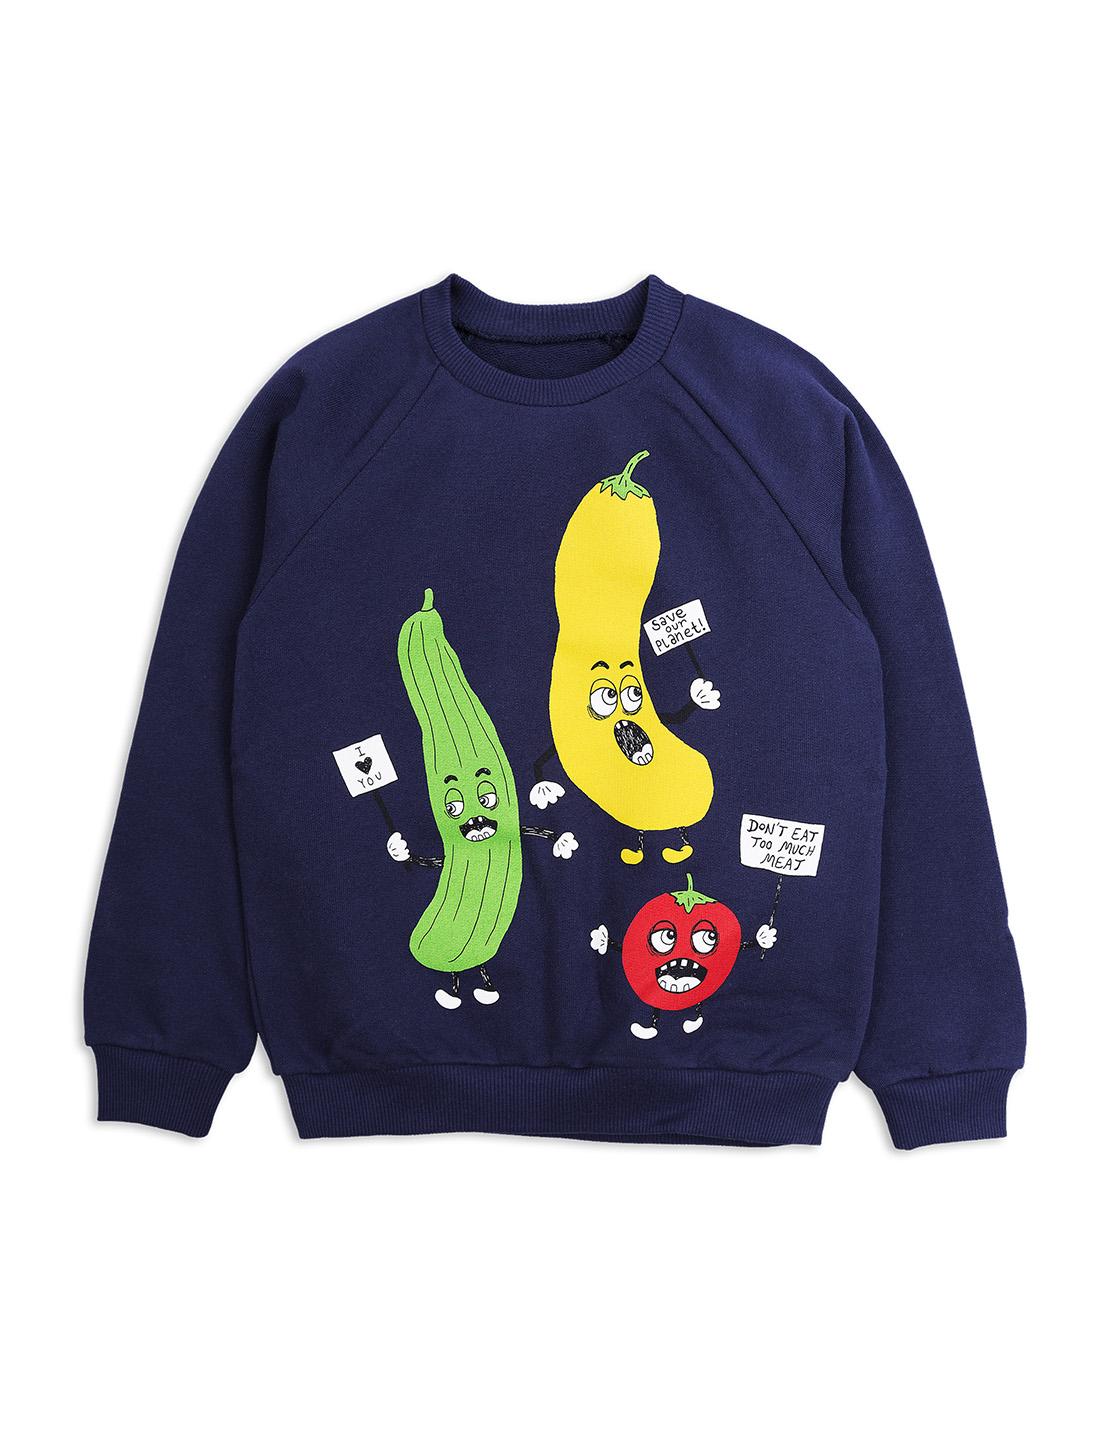 Veggie sweatshirt Navy